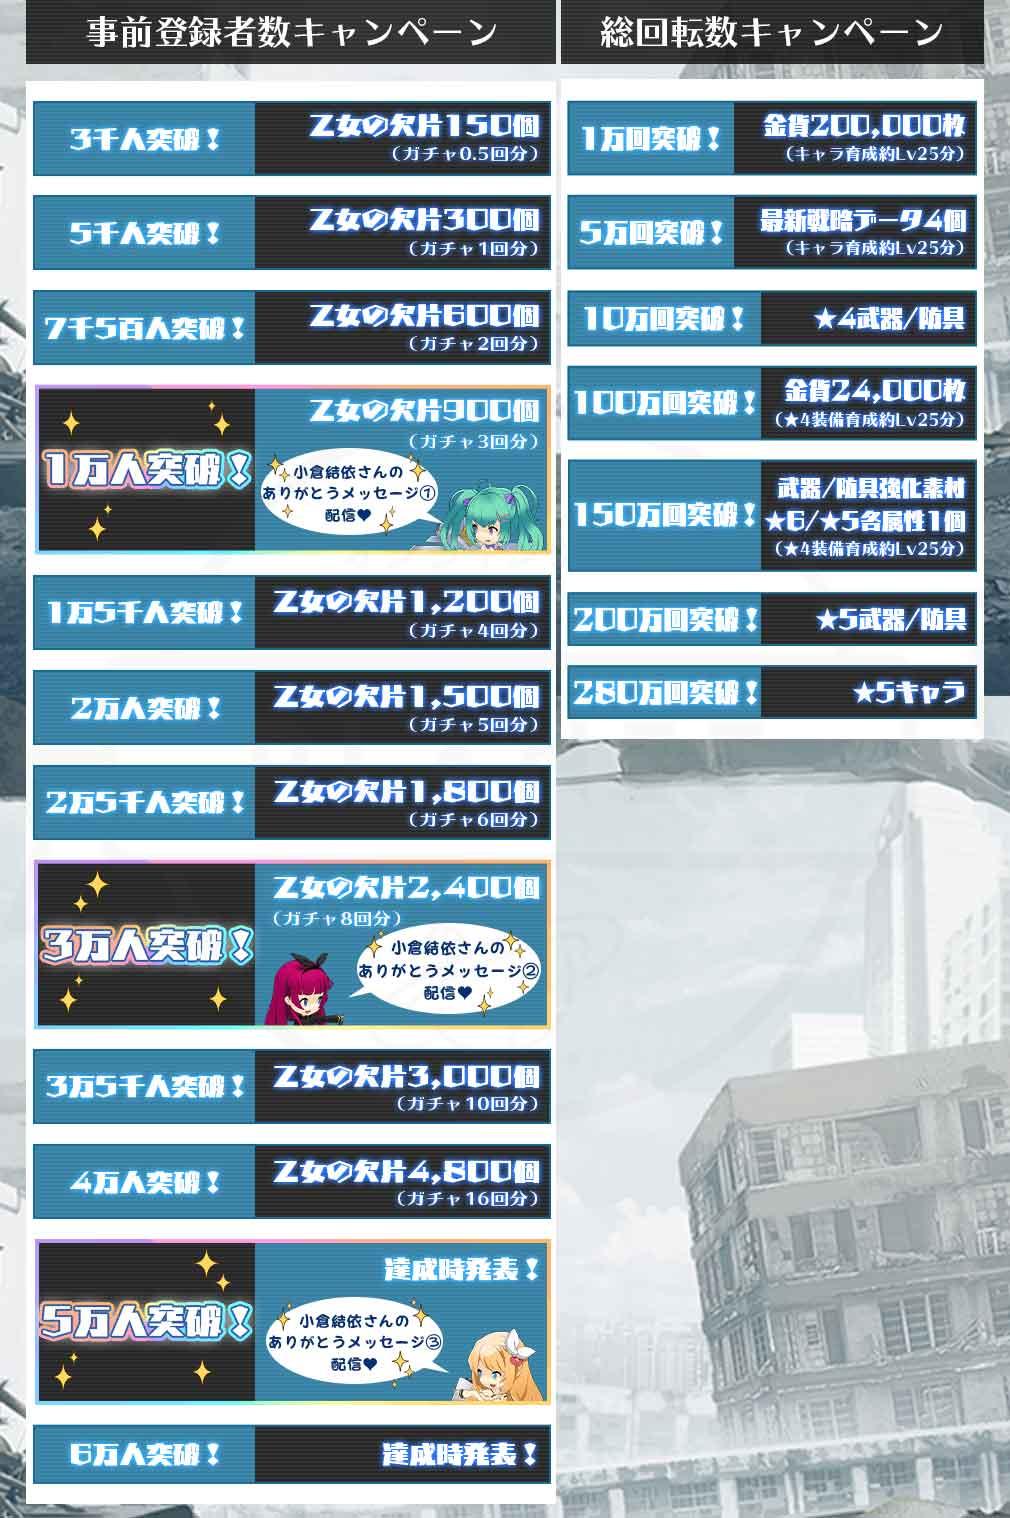 ブレイクゼロディメンション/BREAK ZERO DIMENSION 空戦乙女(BZD) 事前登録キャンペーン紹介イメージ